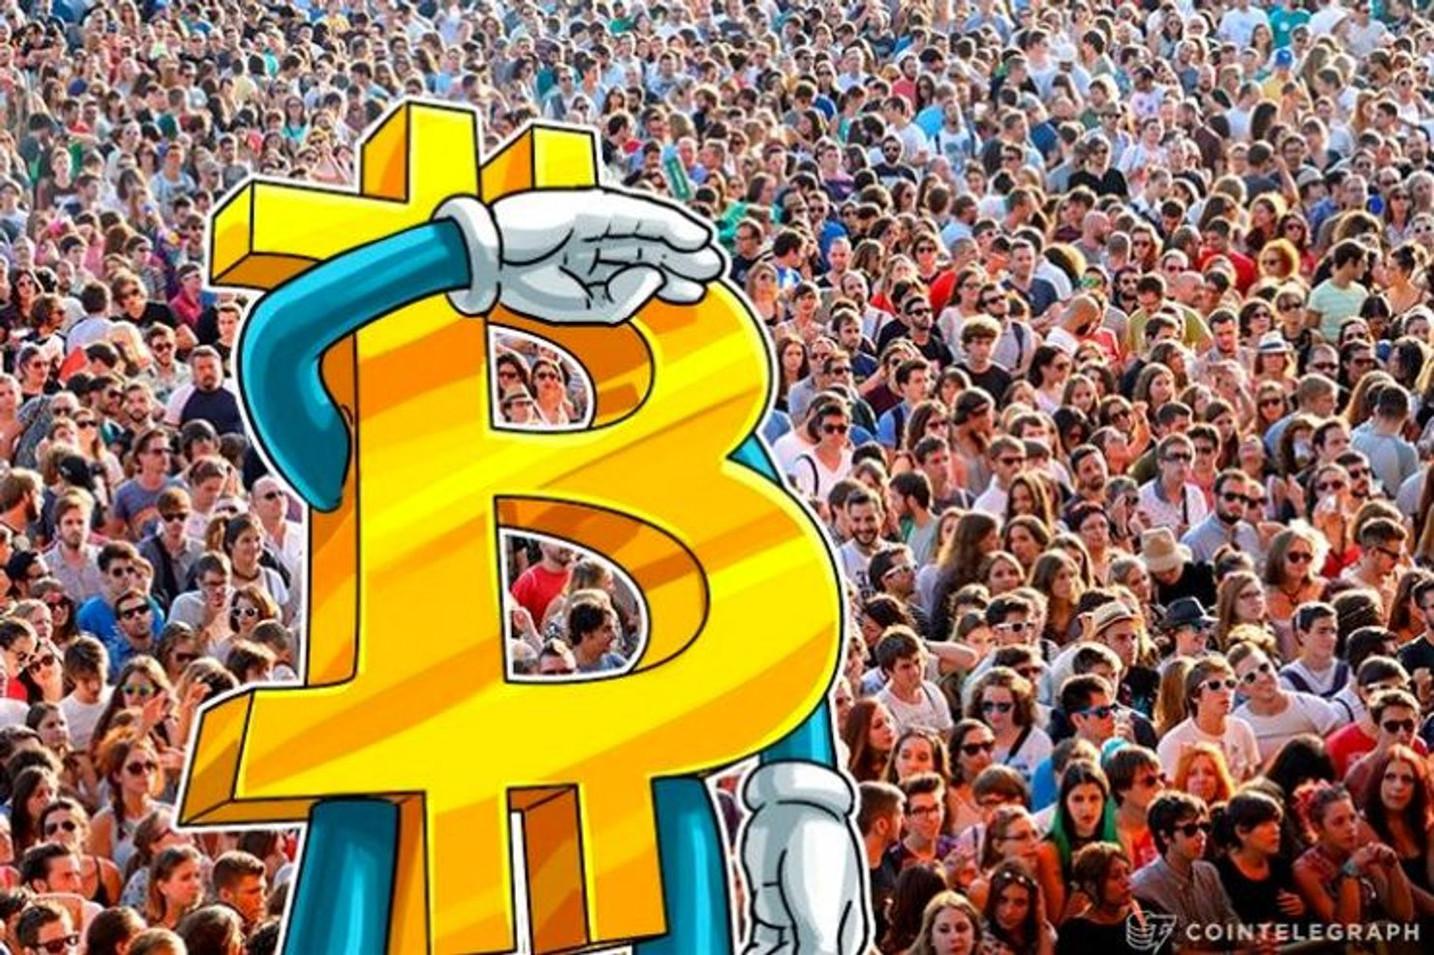 ビットコイン低迷の背景、初心者の狼狽売りだけじゃない可能性【仮想通貨相場】